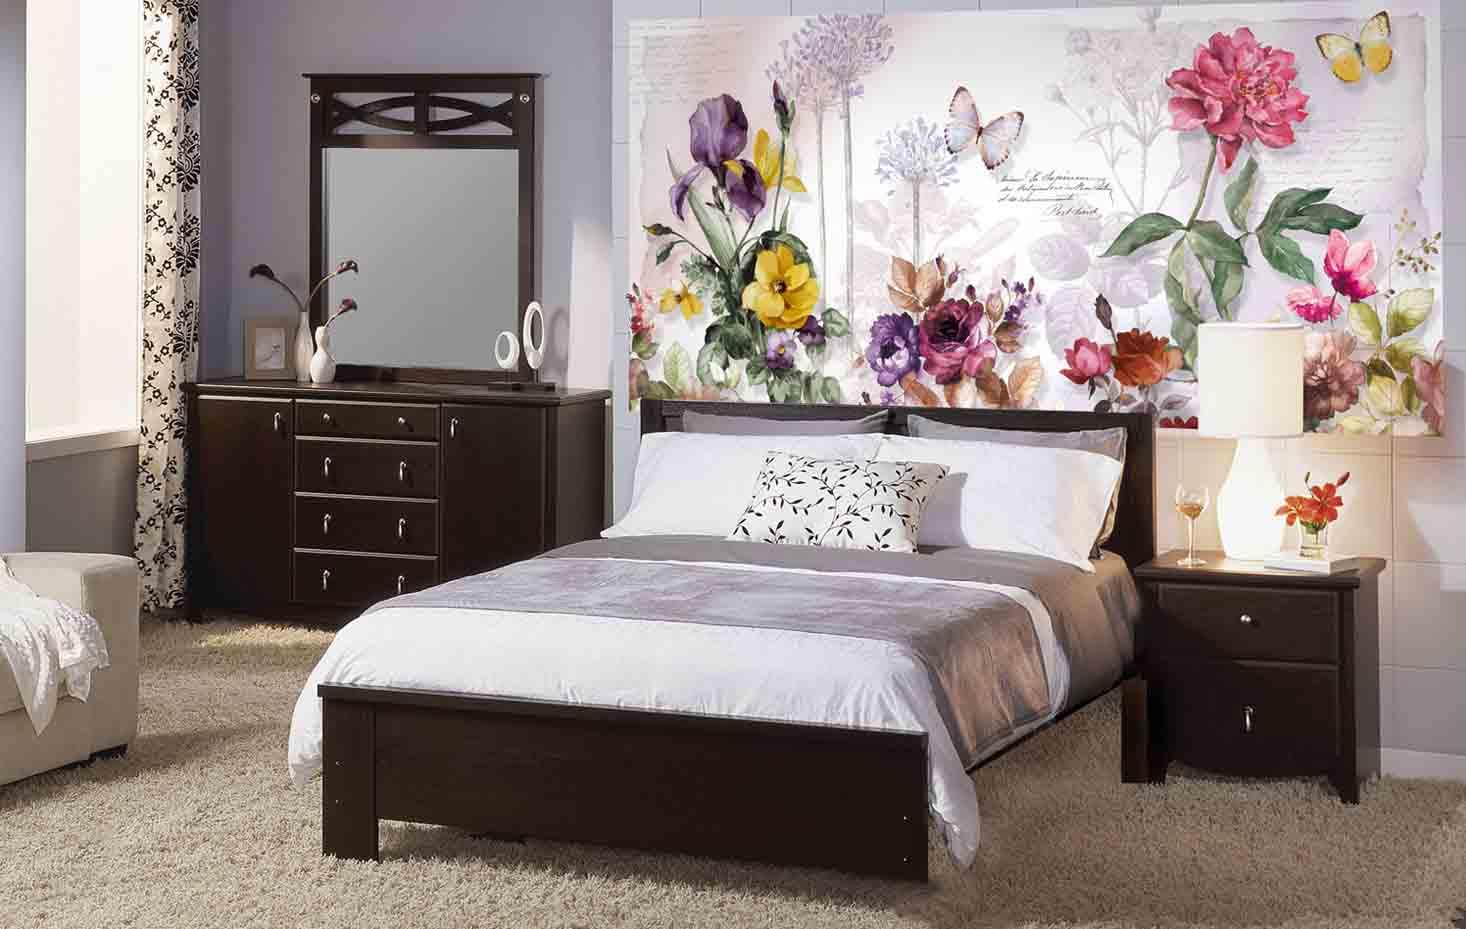 фотообои над кроватью цветы был